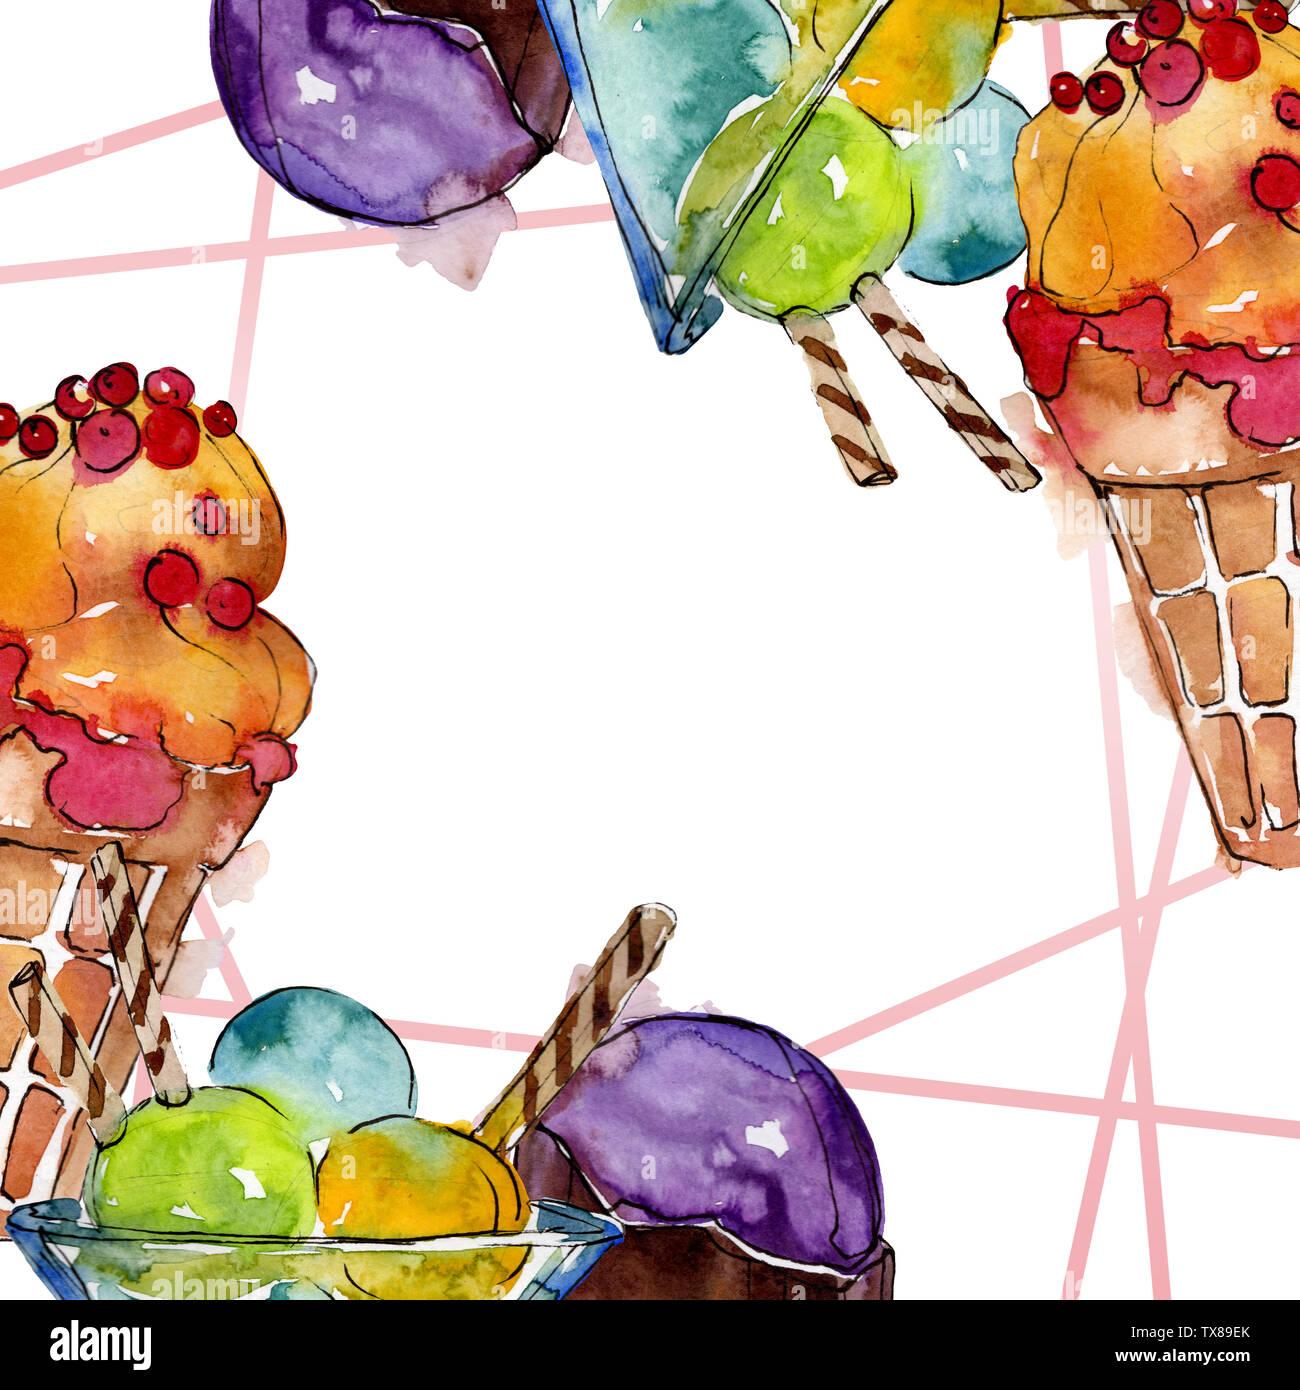 Dessert Frame Stock Illustrations – 20,398 Dessert Frame Stock  Illustrations, Vectors & Clipart - Dreamstime